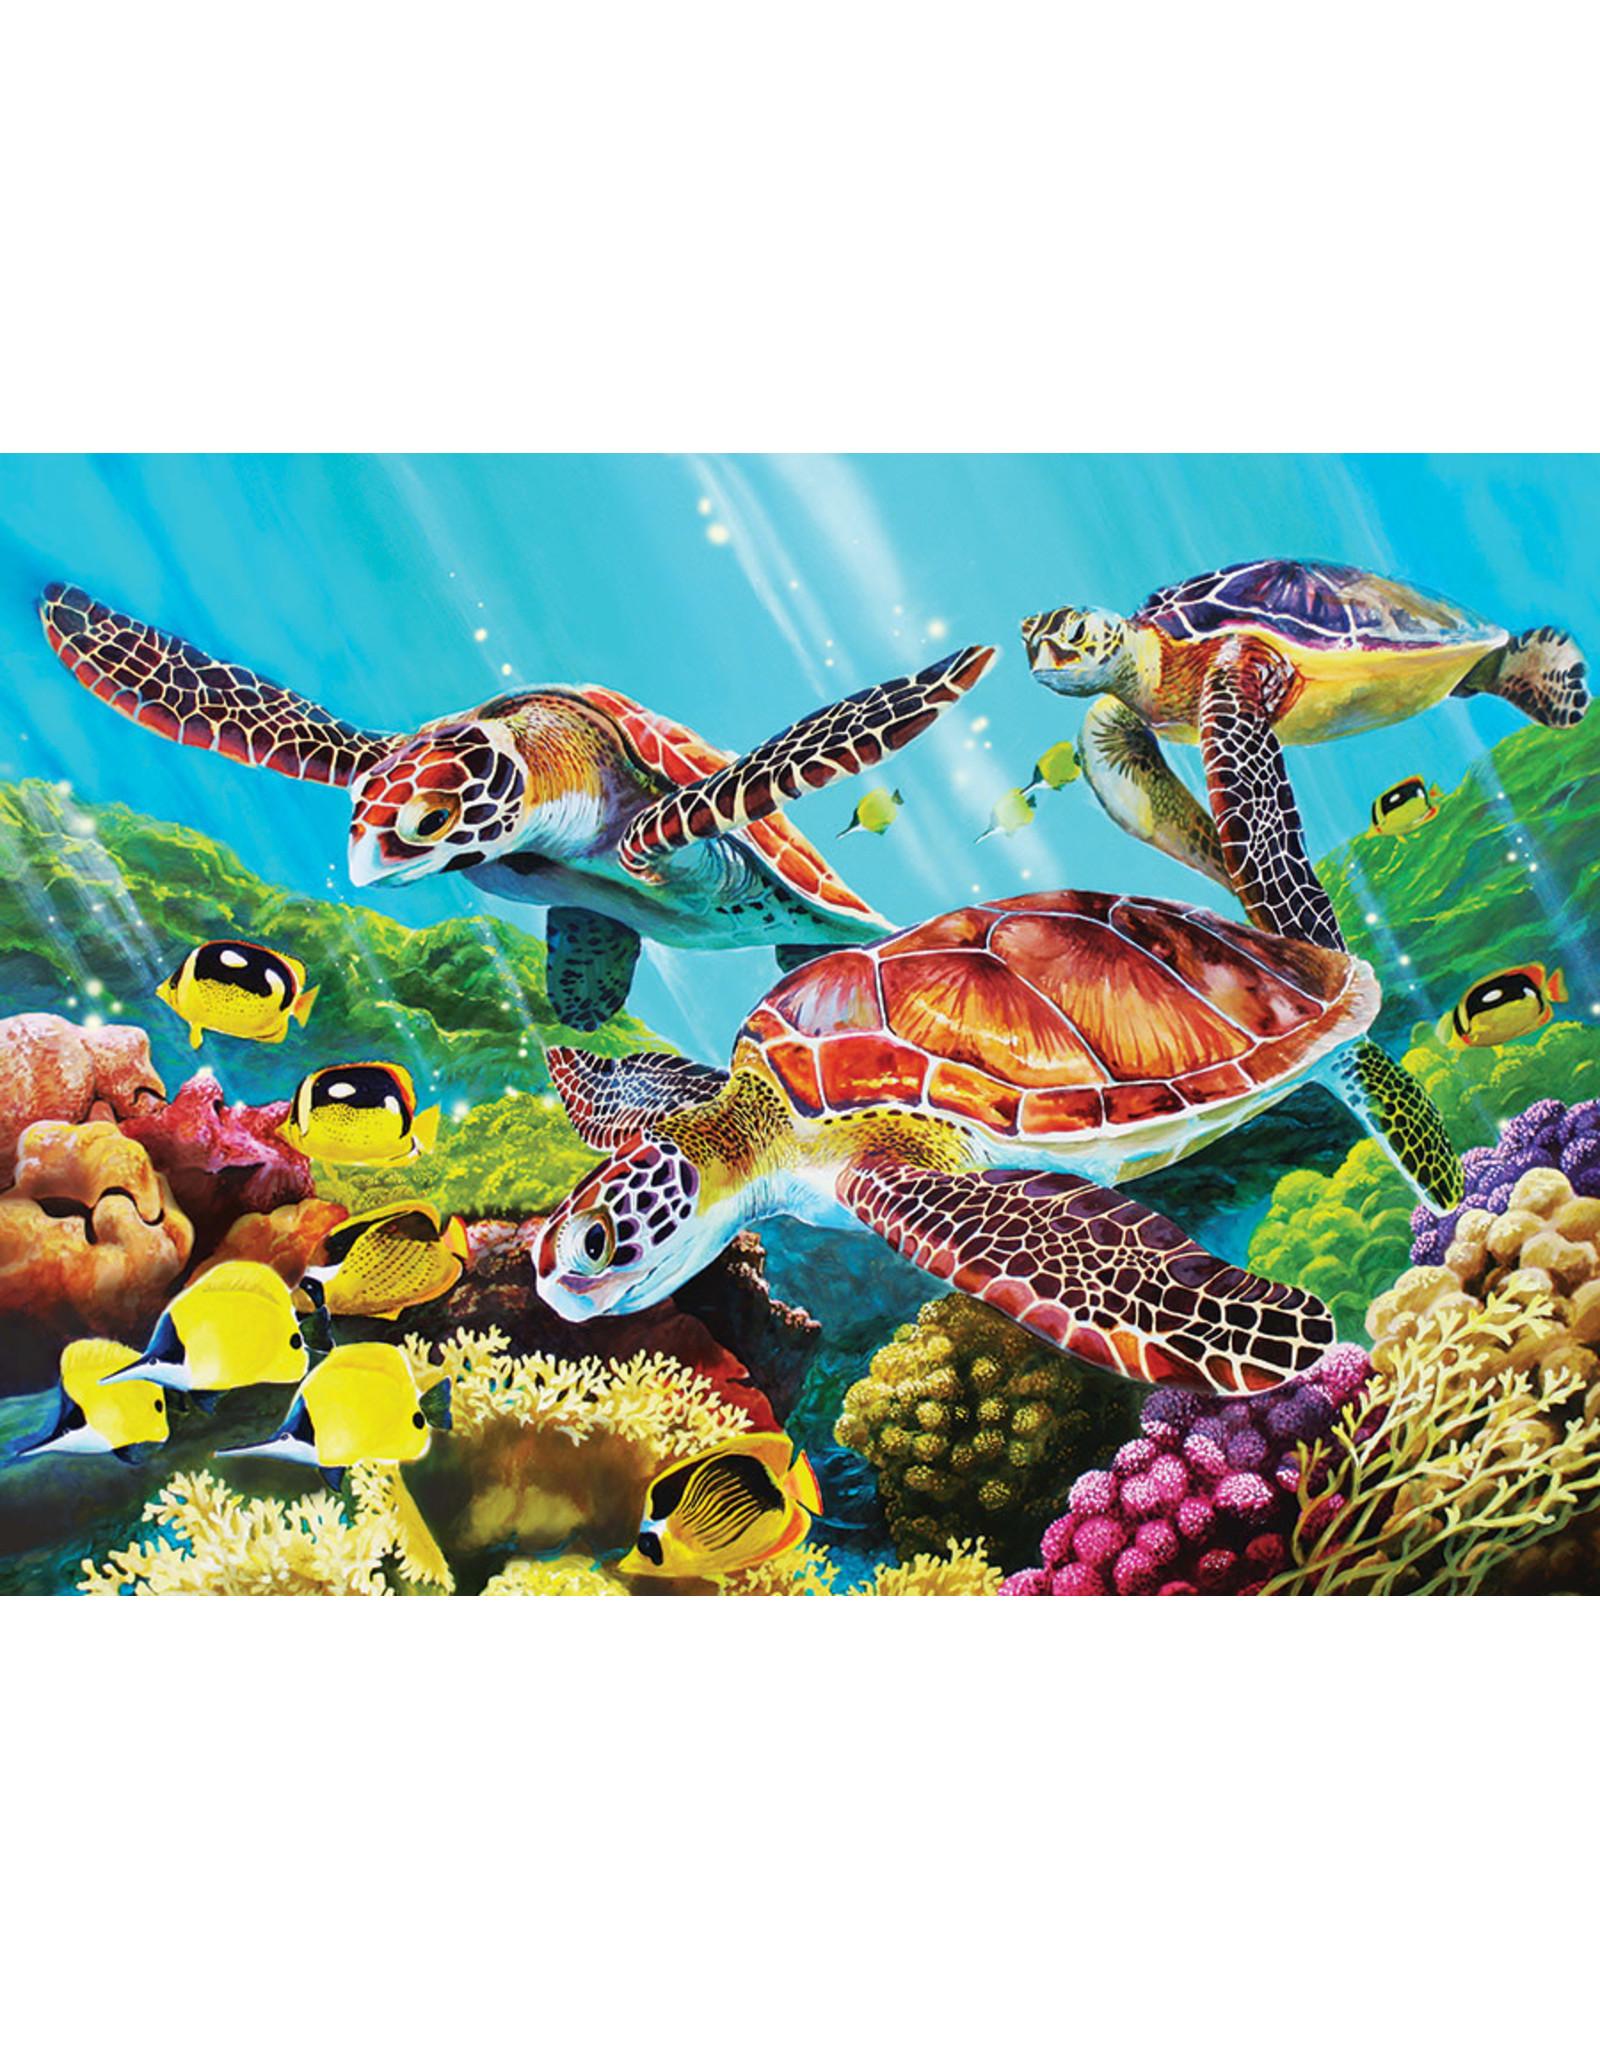 Cobble Hill Molokini Sea Tray Puzzle